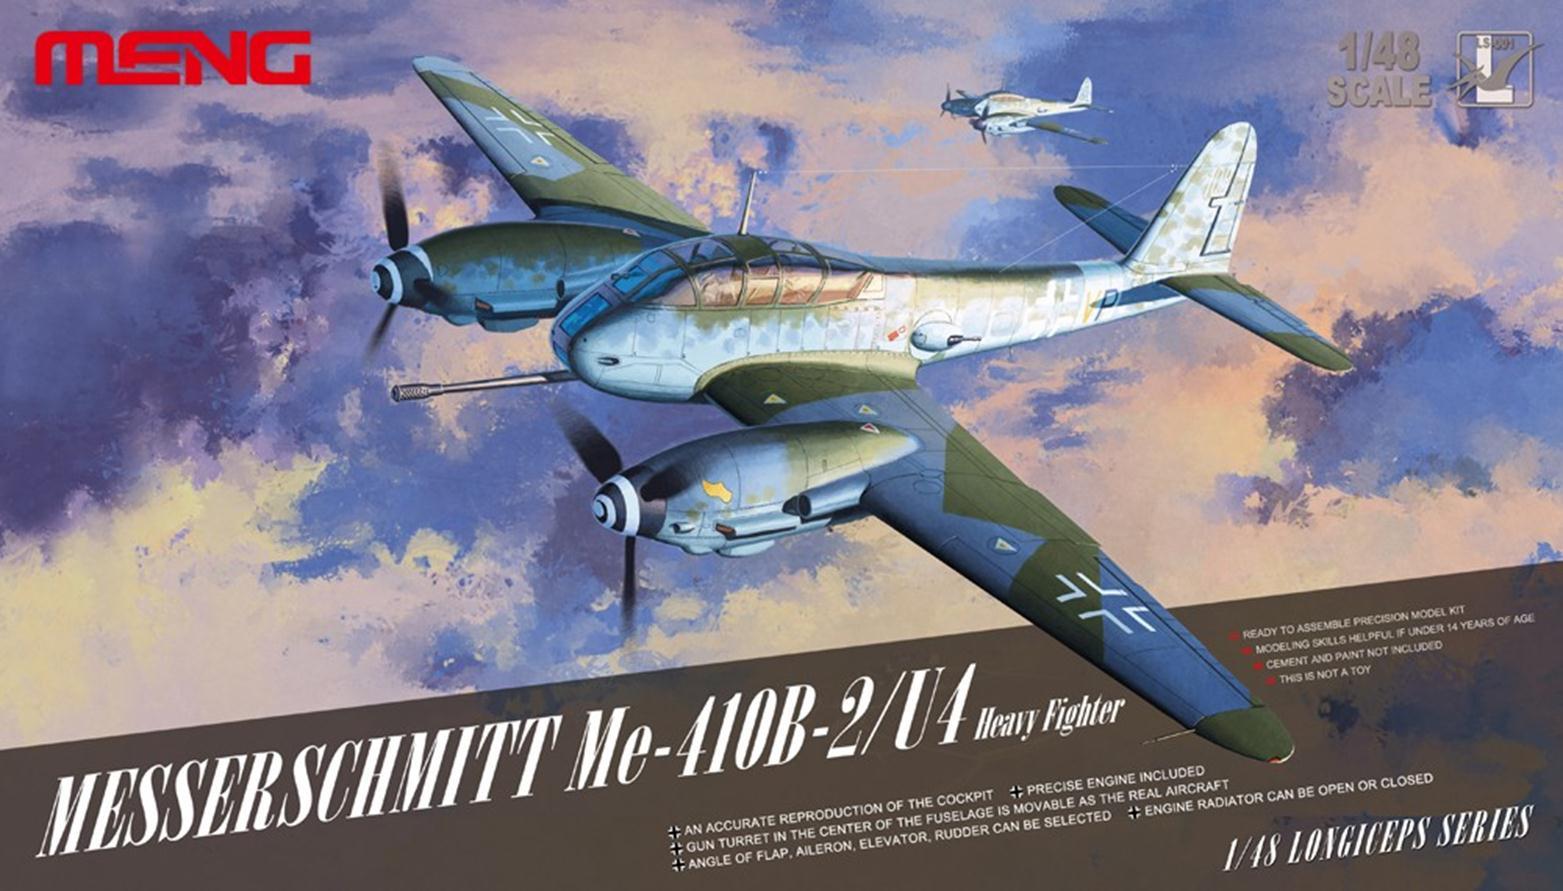 48 メッサーシュミット Me-410-2/U4 重型戦闘機